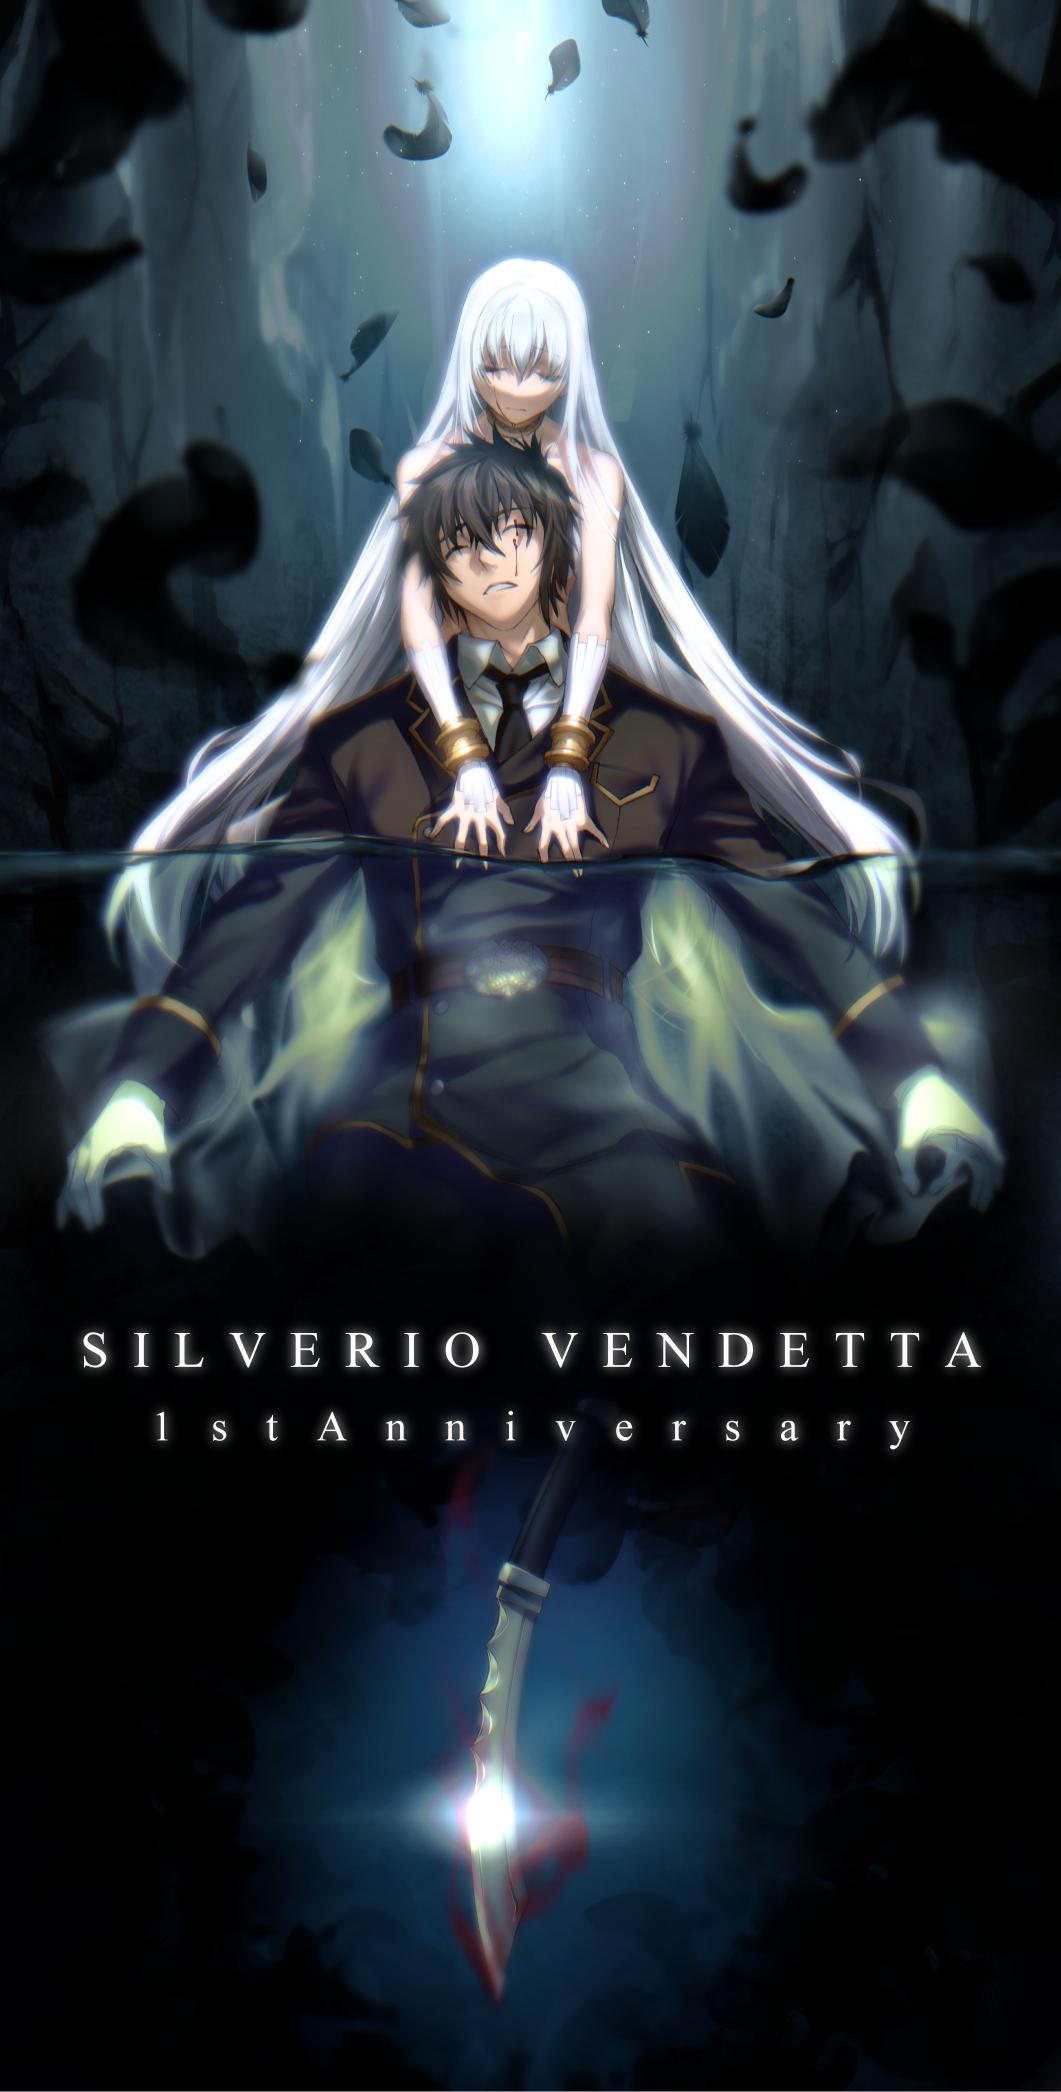 Vendetta Silverio Vendetta Zerochan Anime Image Board